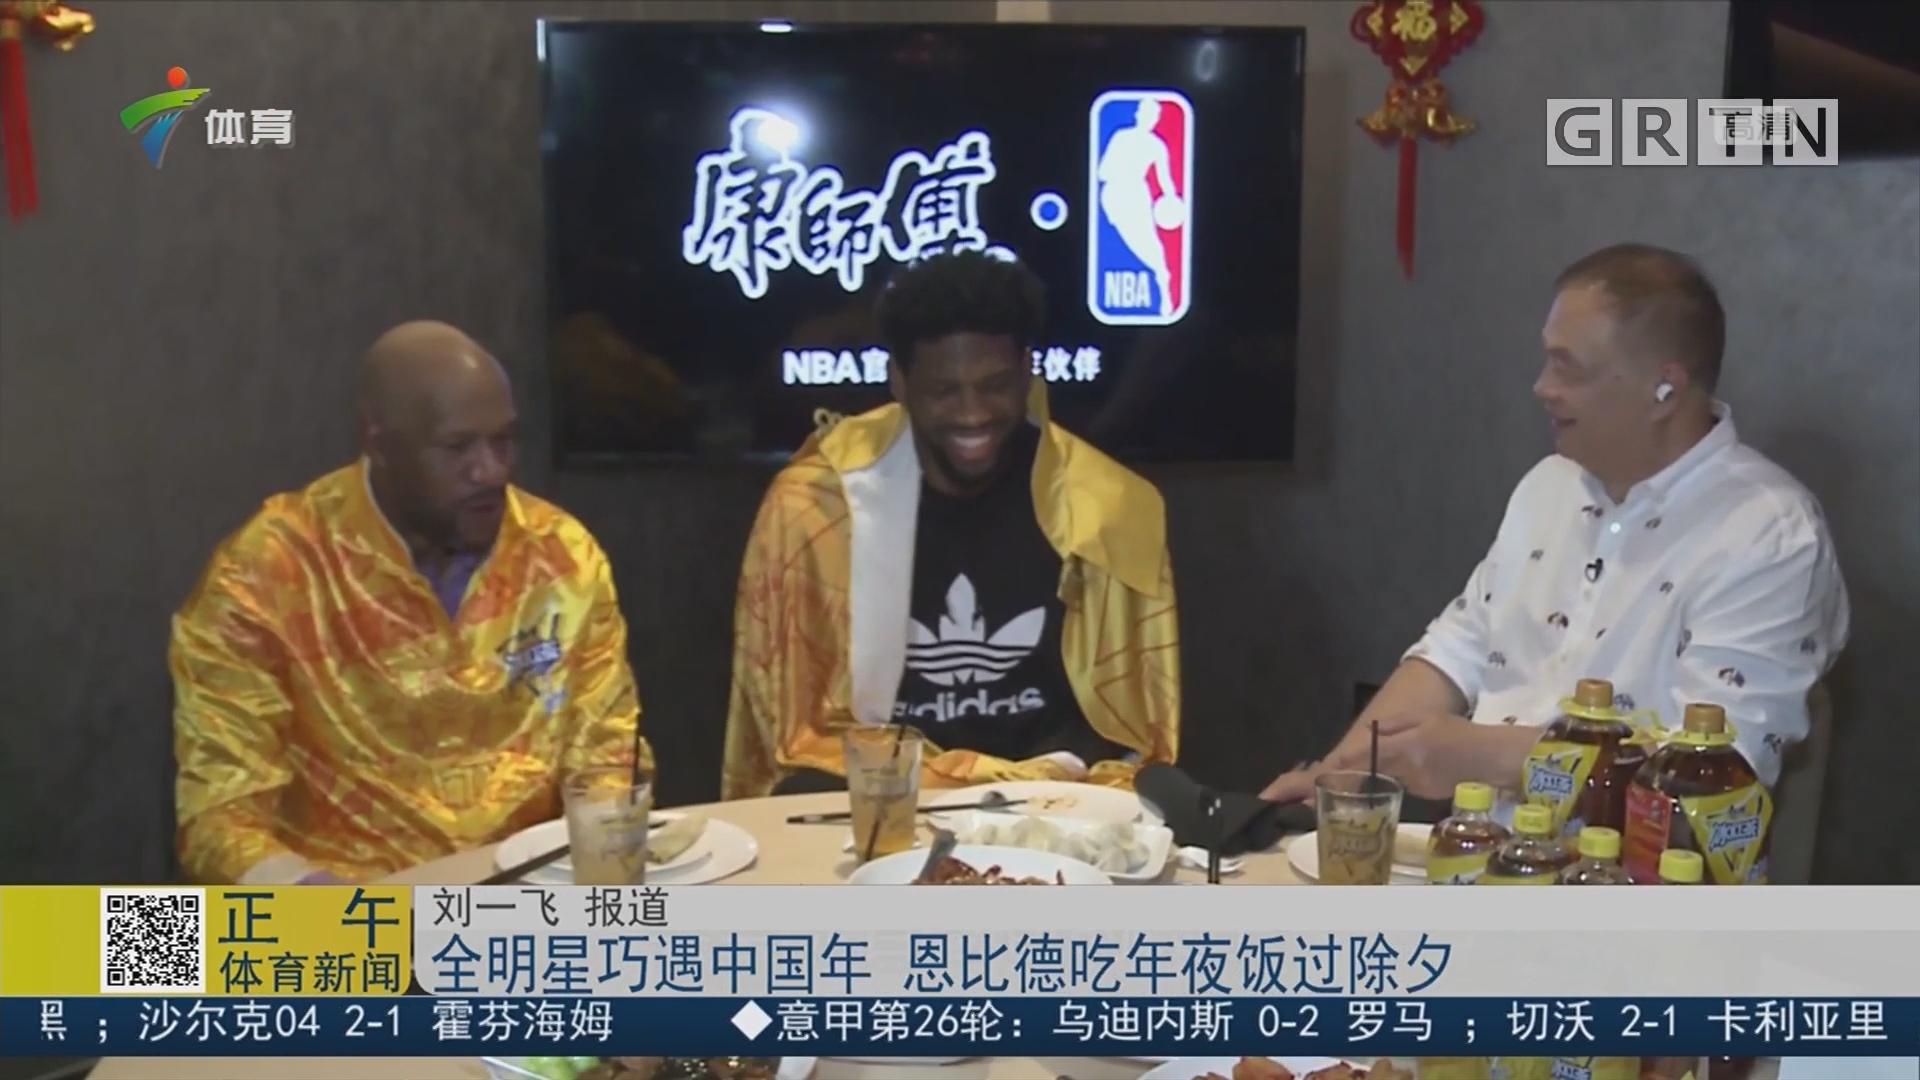 全明星巧遇中国年 恩比德吃年夜饭过除夕